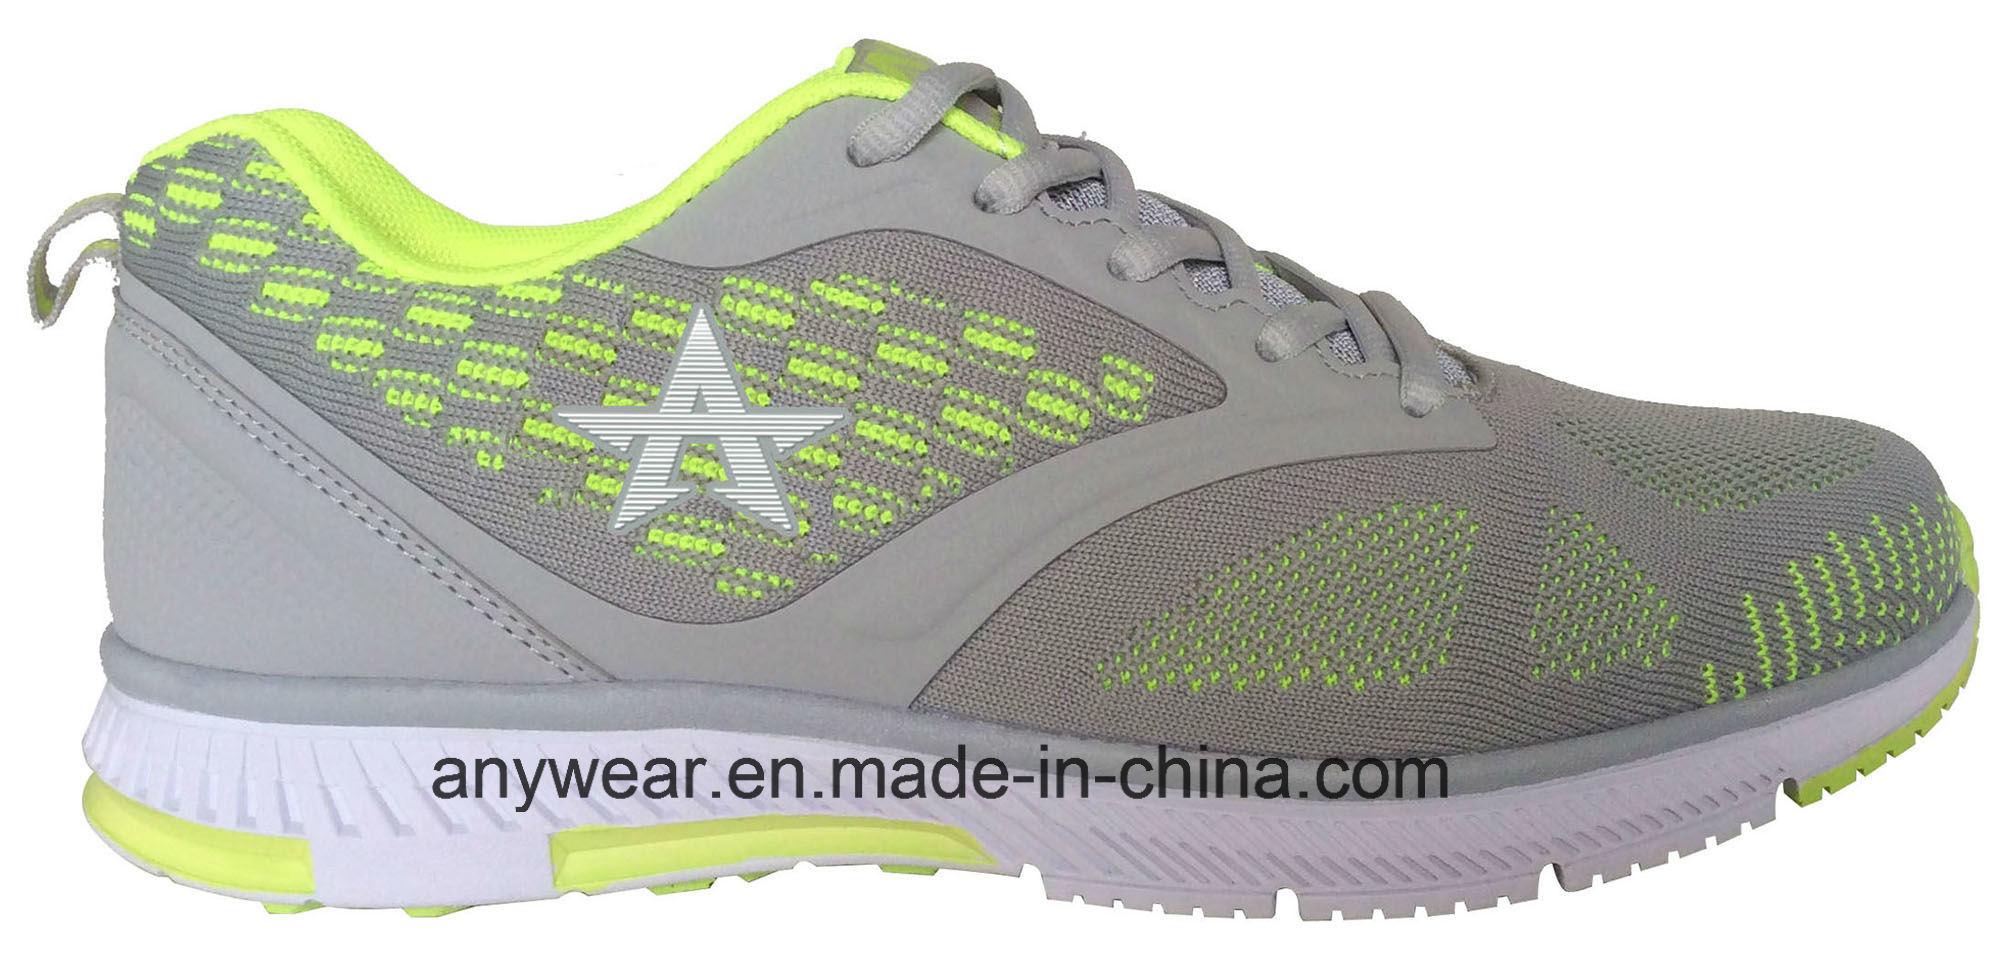 Brand Flyknit Footwear Men Sneakers Walking Sports Shoes (816-9380)